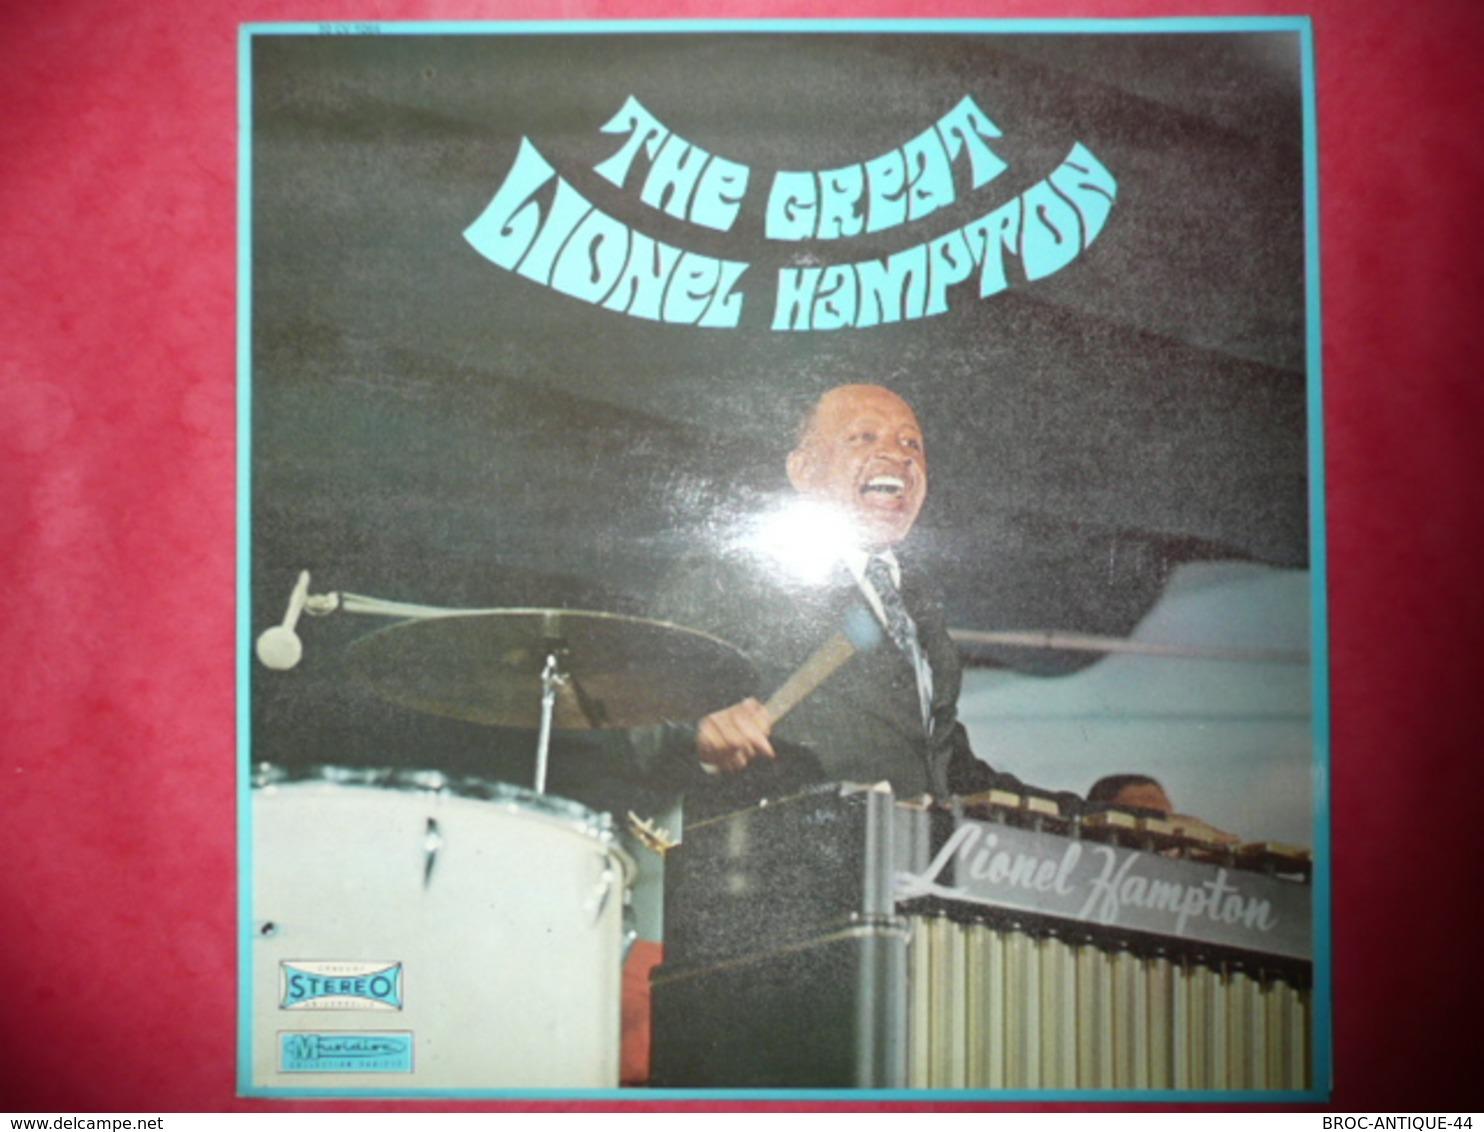 LP N°3259 - LIONEL HAMPTON - 30 CV 1064 - MU 1064 - DISQUE EPAIS - INUTILE DE DIRE QUE JE SUIS FAN - Jazz